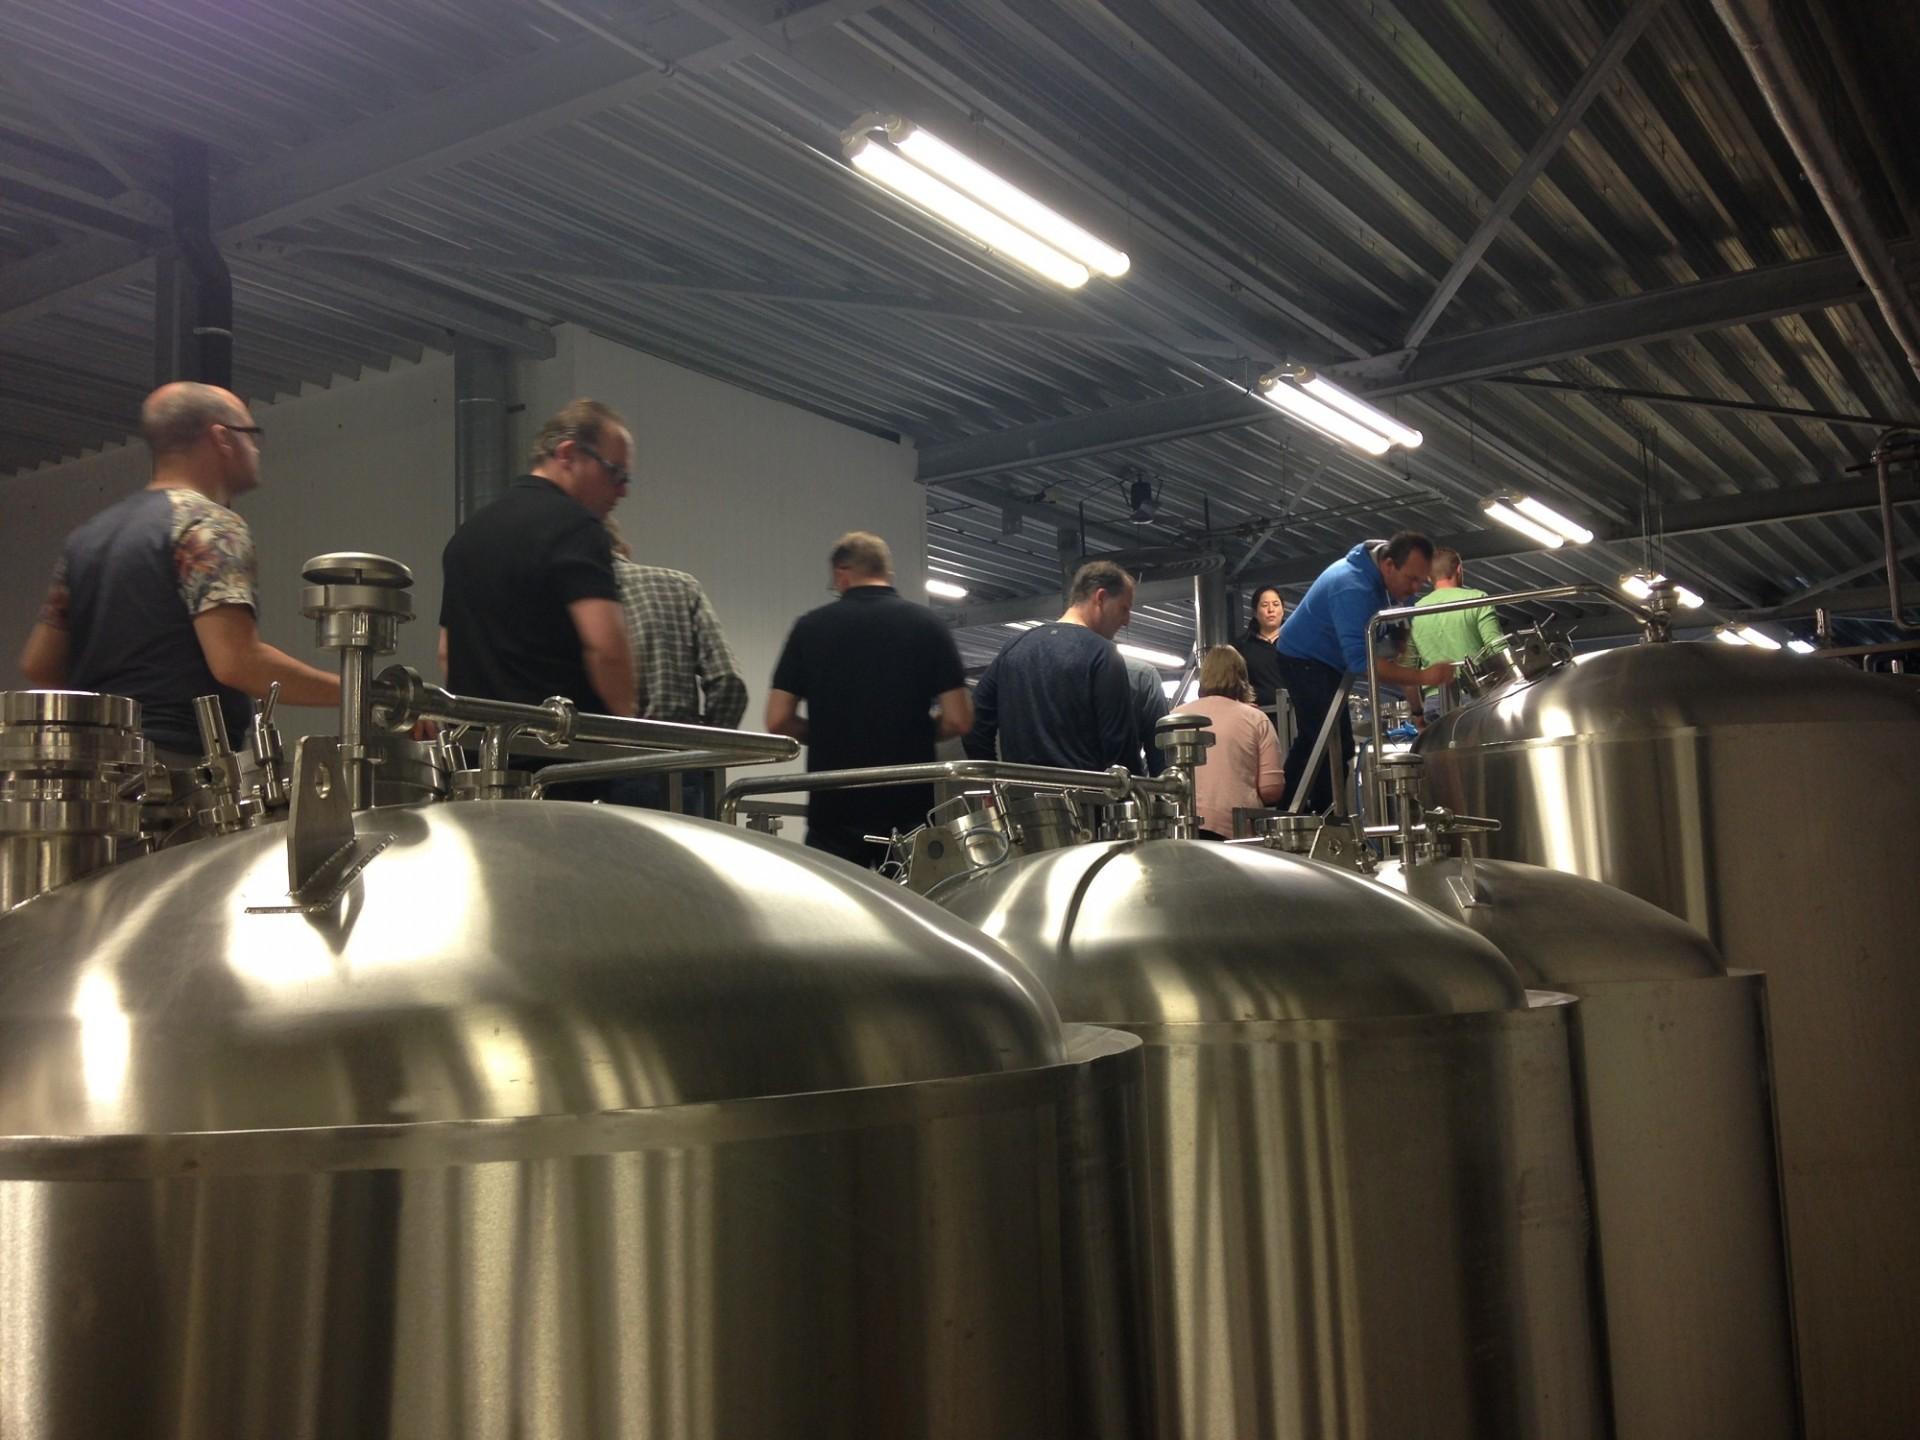 Jopen Brouwerijbeleving